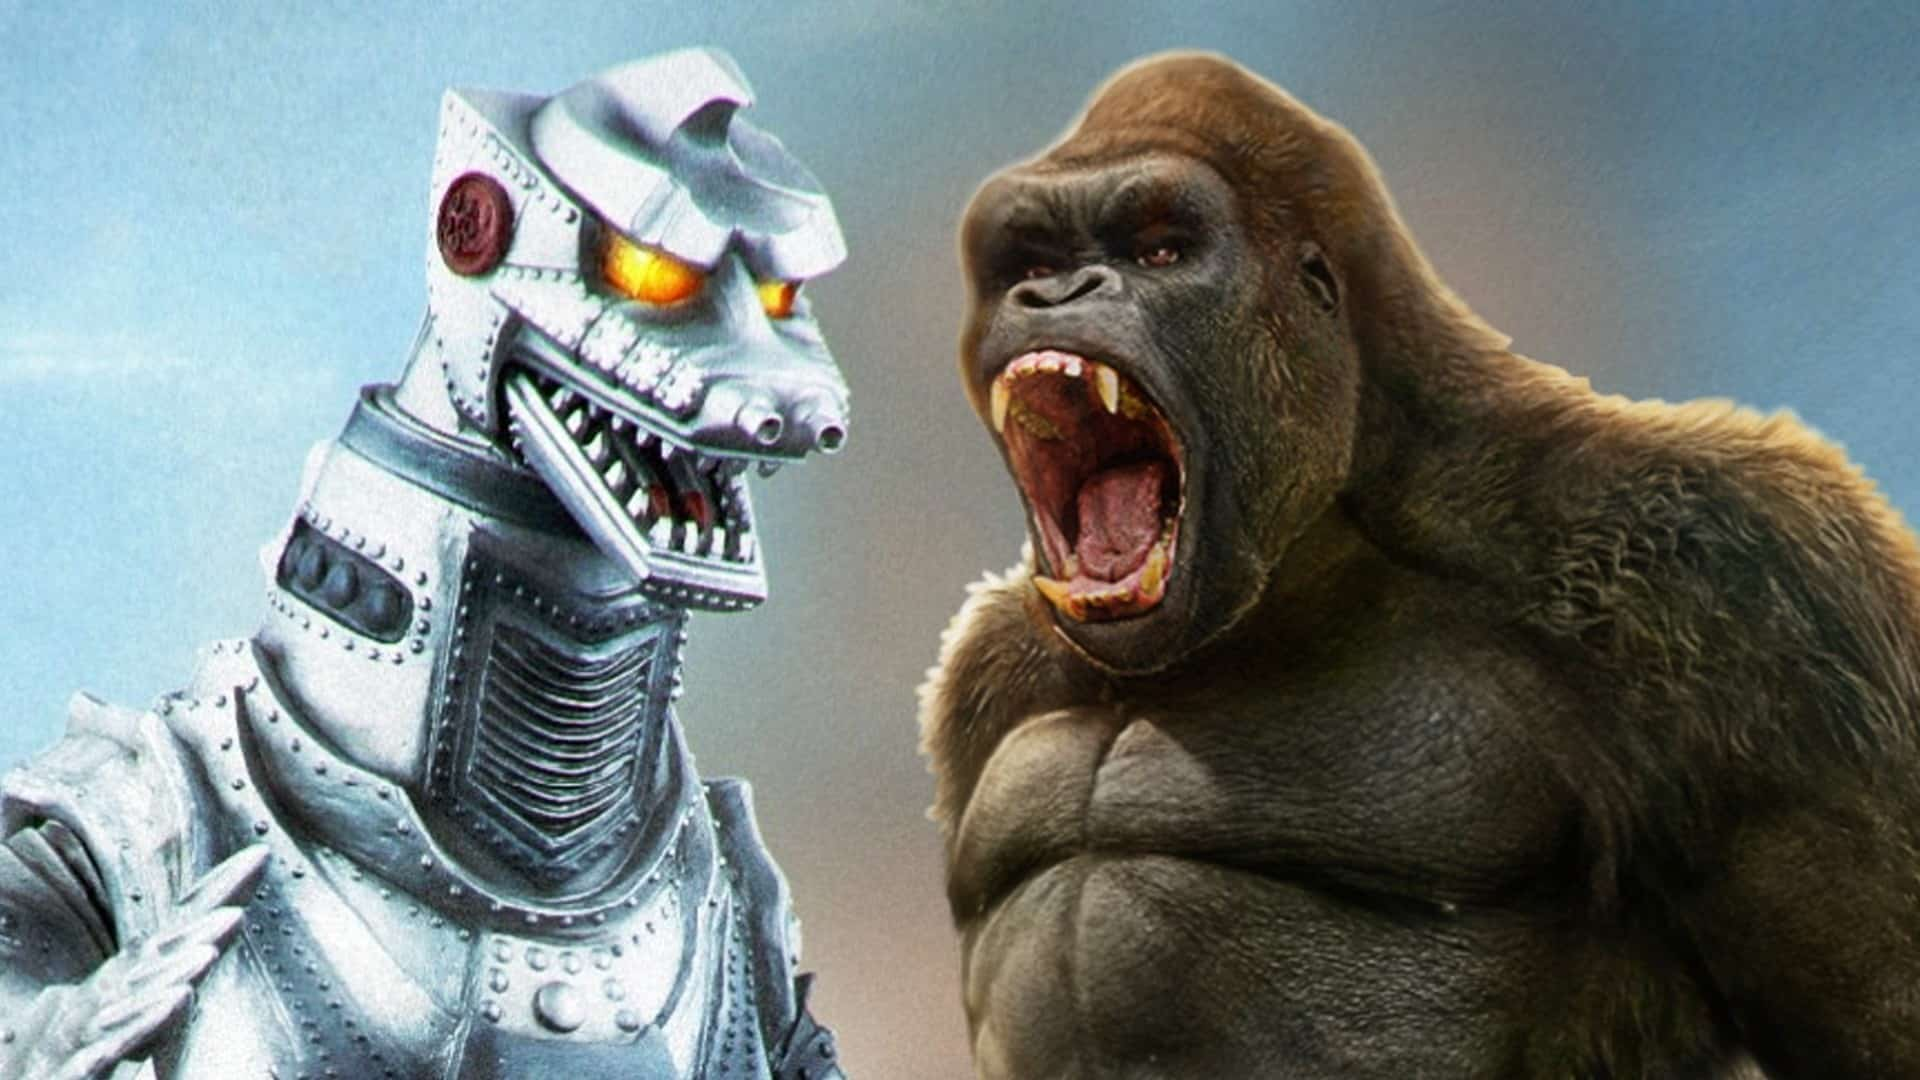 Film Godzilla Vs. Kong